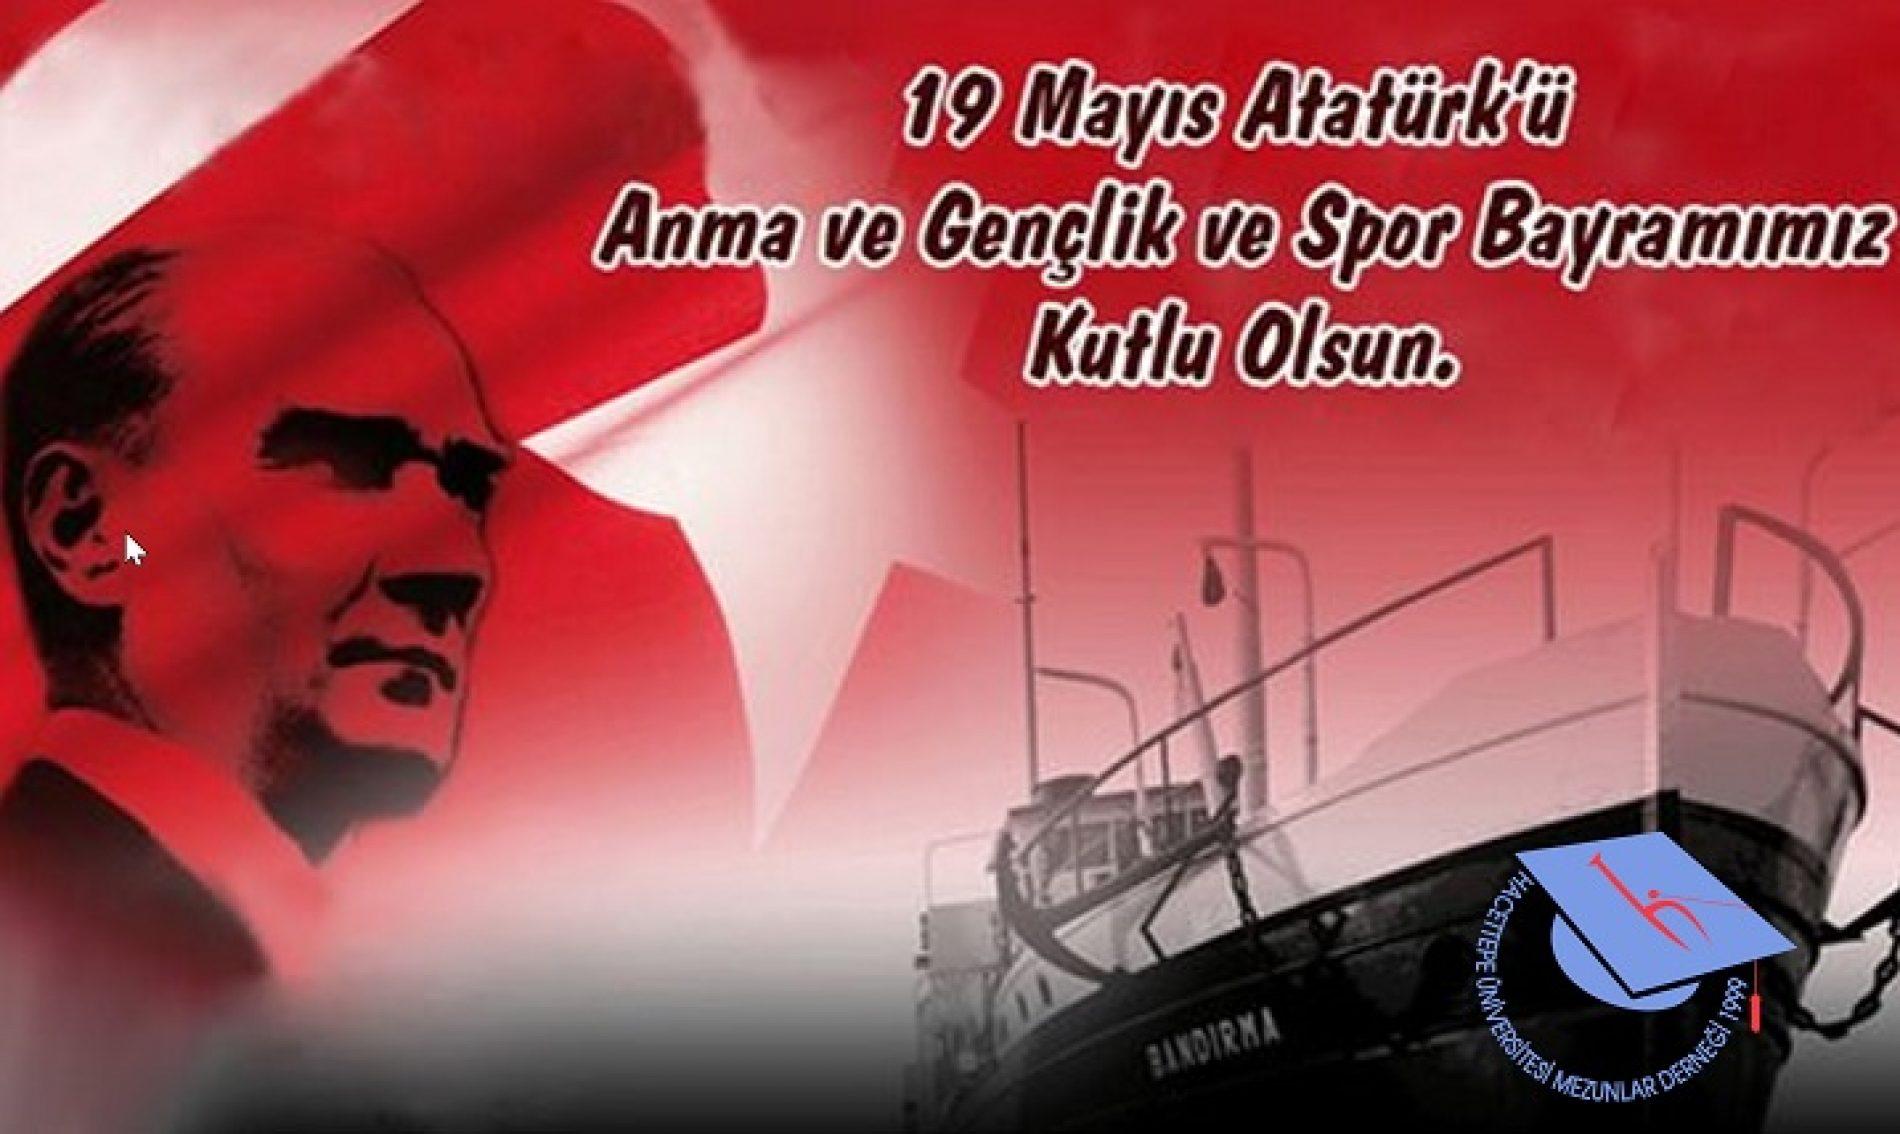 19 Mayıs Atatürk'ü Anma ve Gençlik Spor Bayramımız Kutlu Olsun